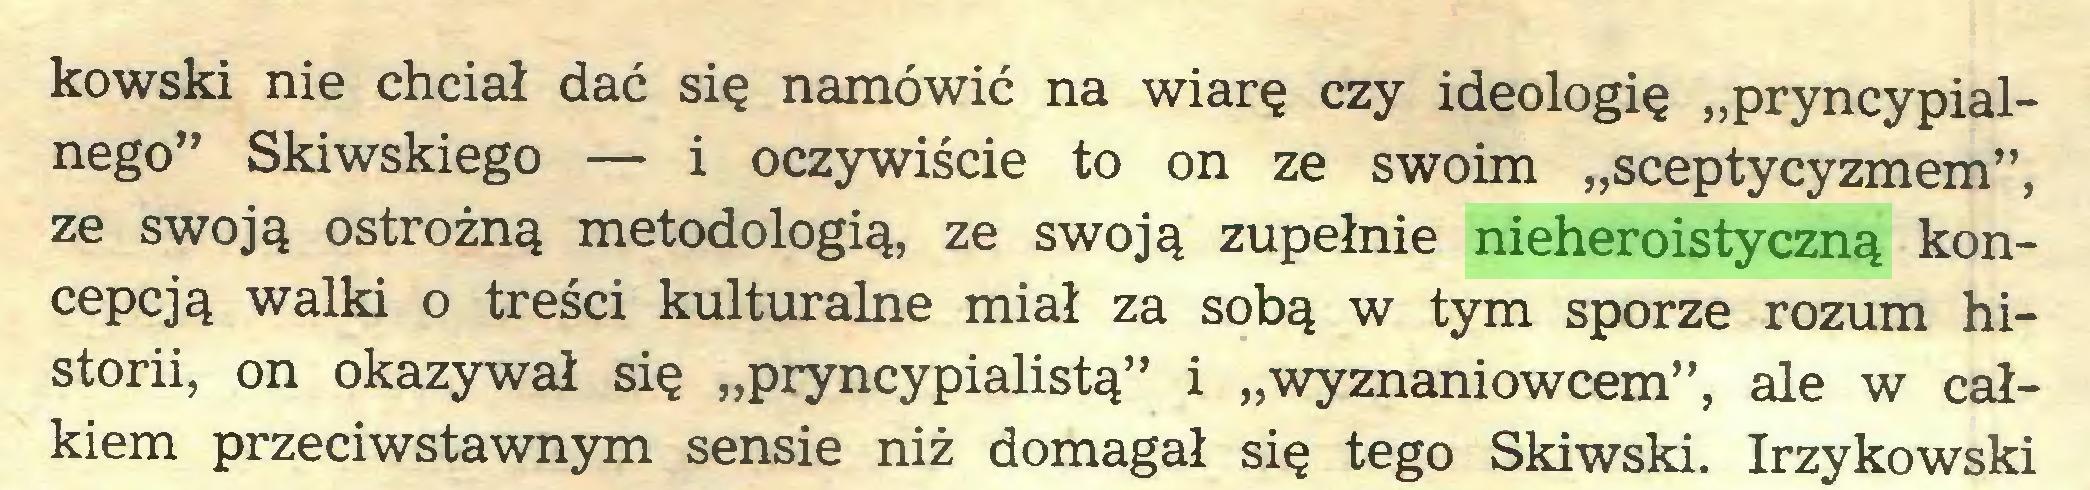 """(...) kowski nie chciał dać się namówić na wiarę czy ideologię """"pryncypialnego"""" Skiwskiego — i oczywiście to on ze swoim """"sceptycyzmem"""", ze swoją ostrożną metodologią, ze swoją zupełnie nieheroistyczną koncepcją walki o treści kulturalne miał za sobą w tym sporze rozum historii, on okazywał się """"pryncypialistą"""" i """"wyznaniowcem"""", ale w całkiem przeciwstawnym sensie niż domagał się tego Skiwski. Irzykowski..."""